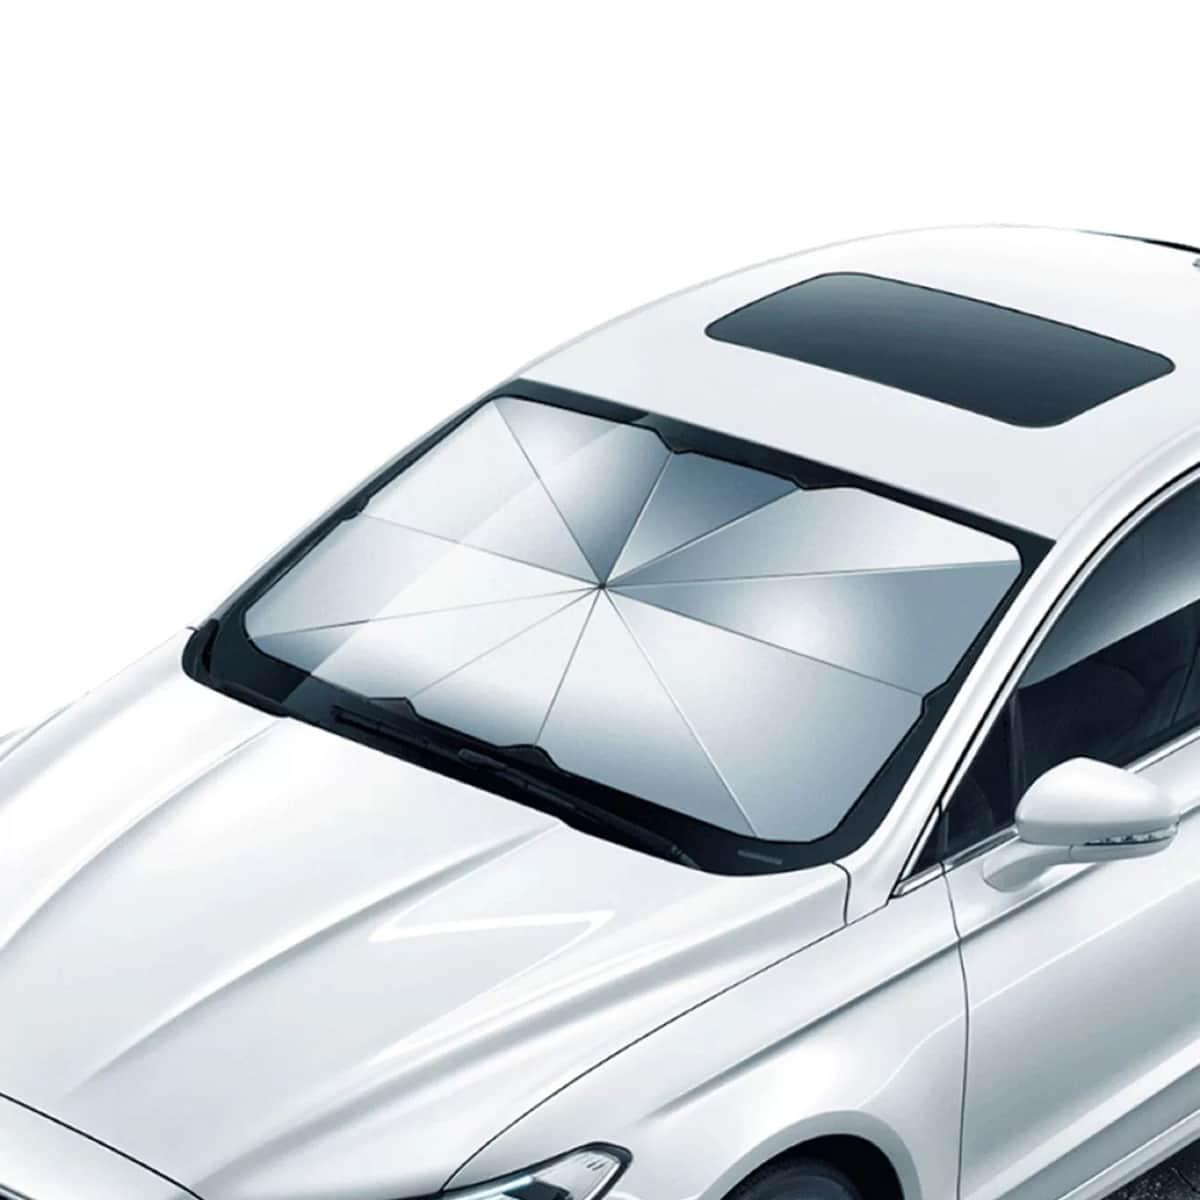 Зонт от солнца на лобовое стекло автомобиля